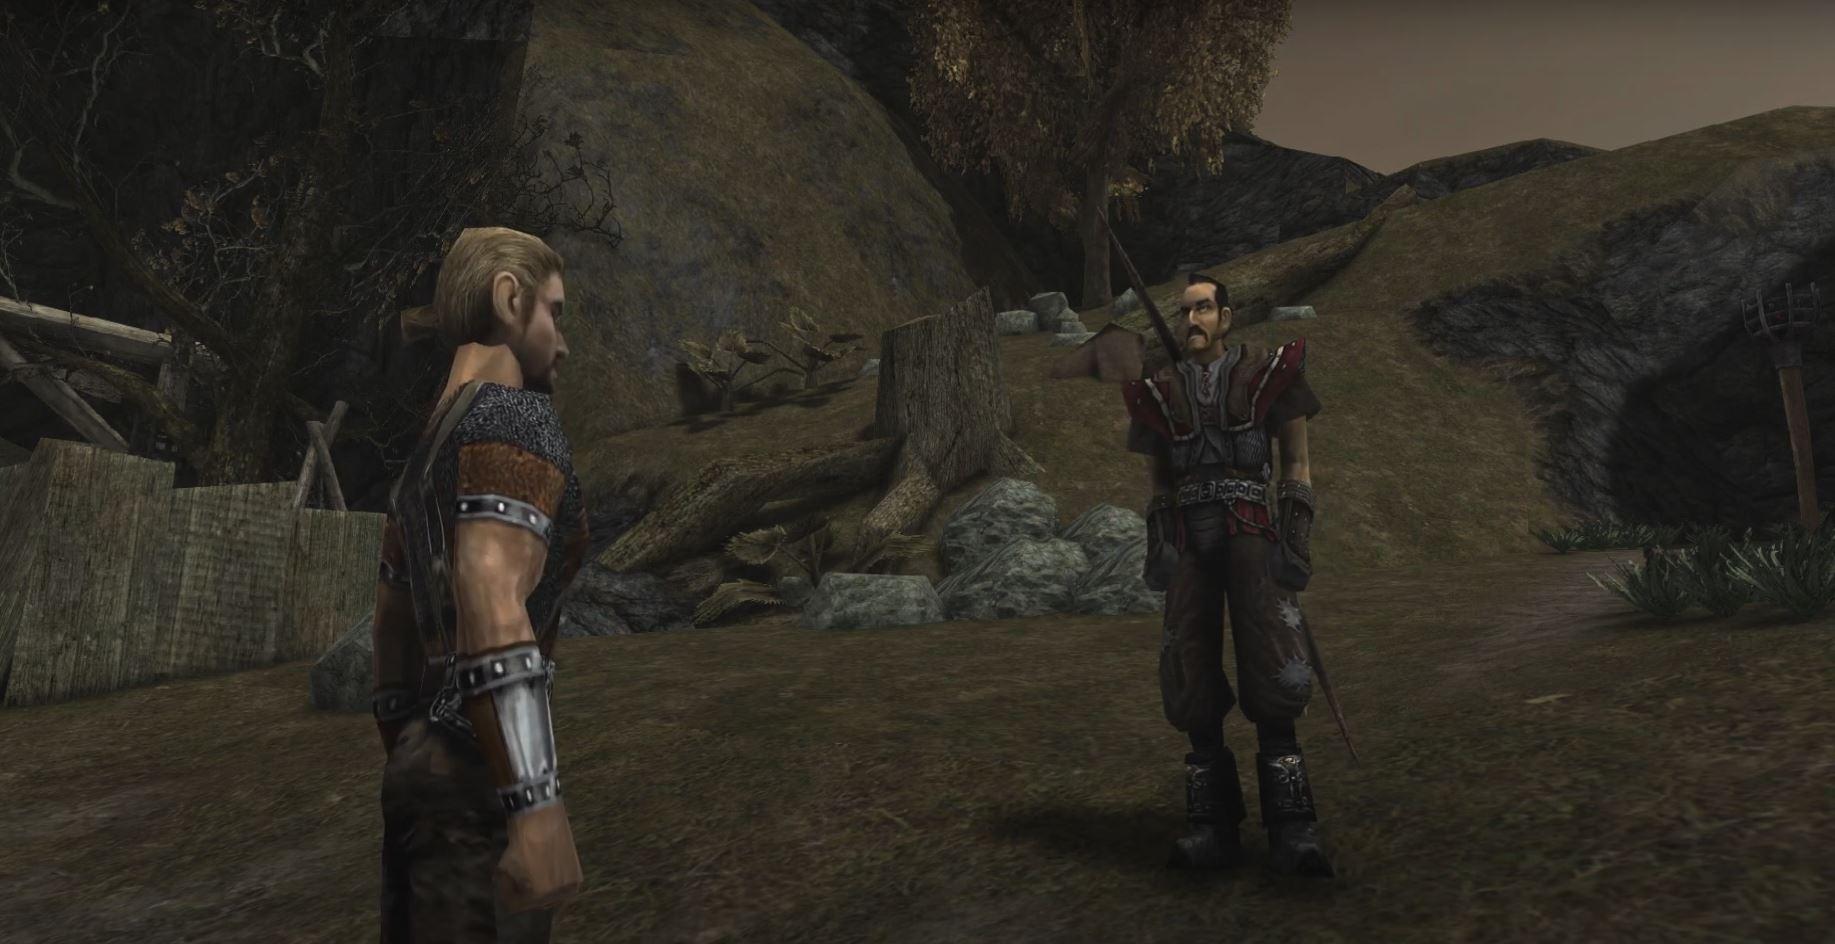 Gothic 1: Der namenlose Held trifft das erste Mal auf Diego